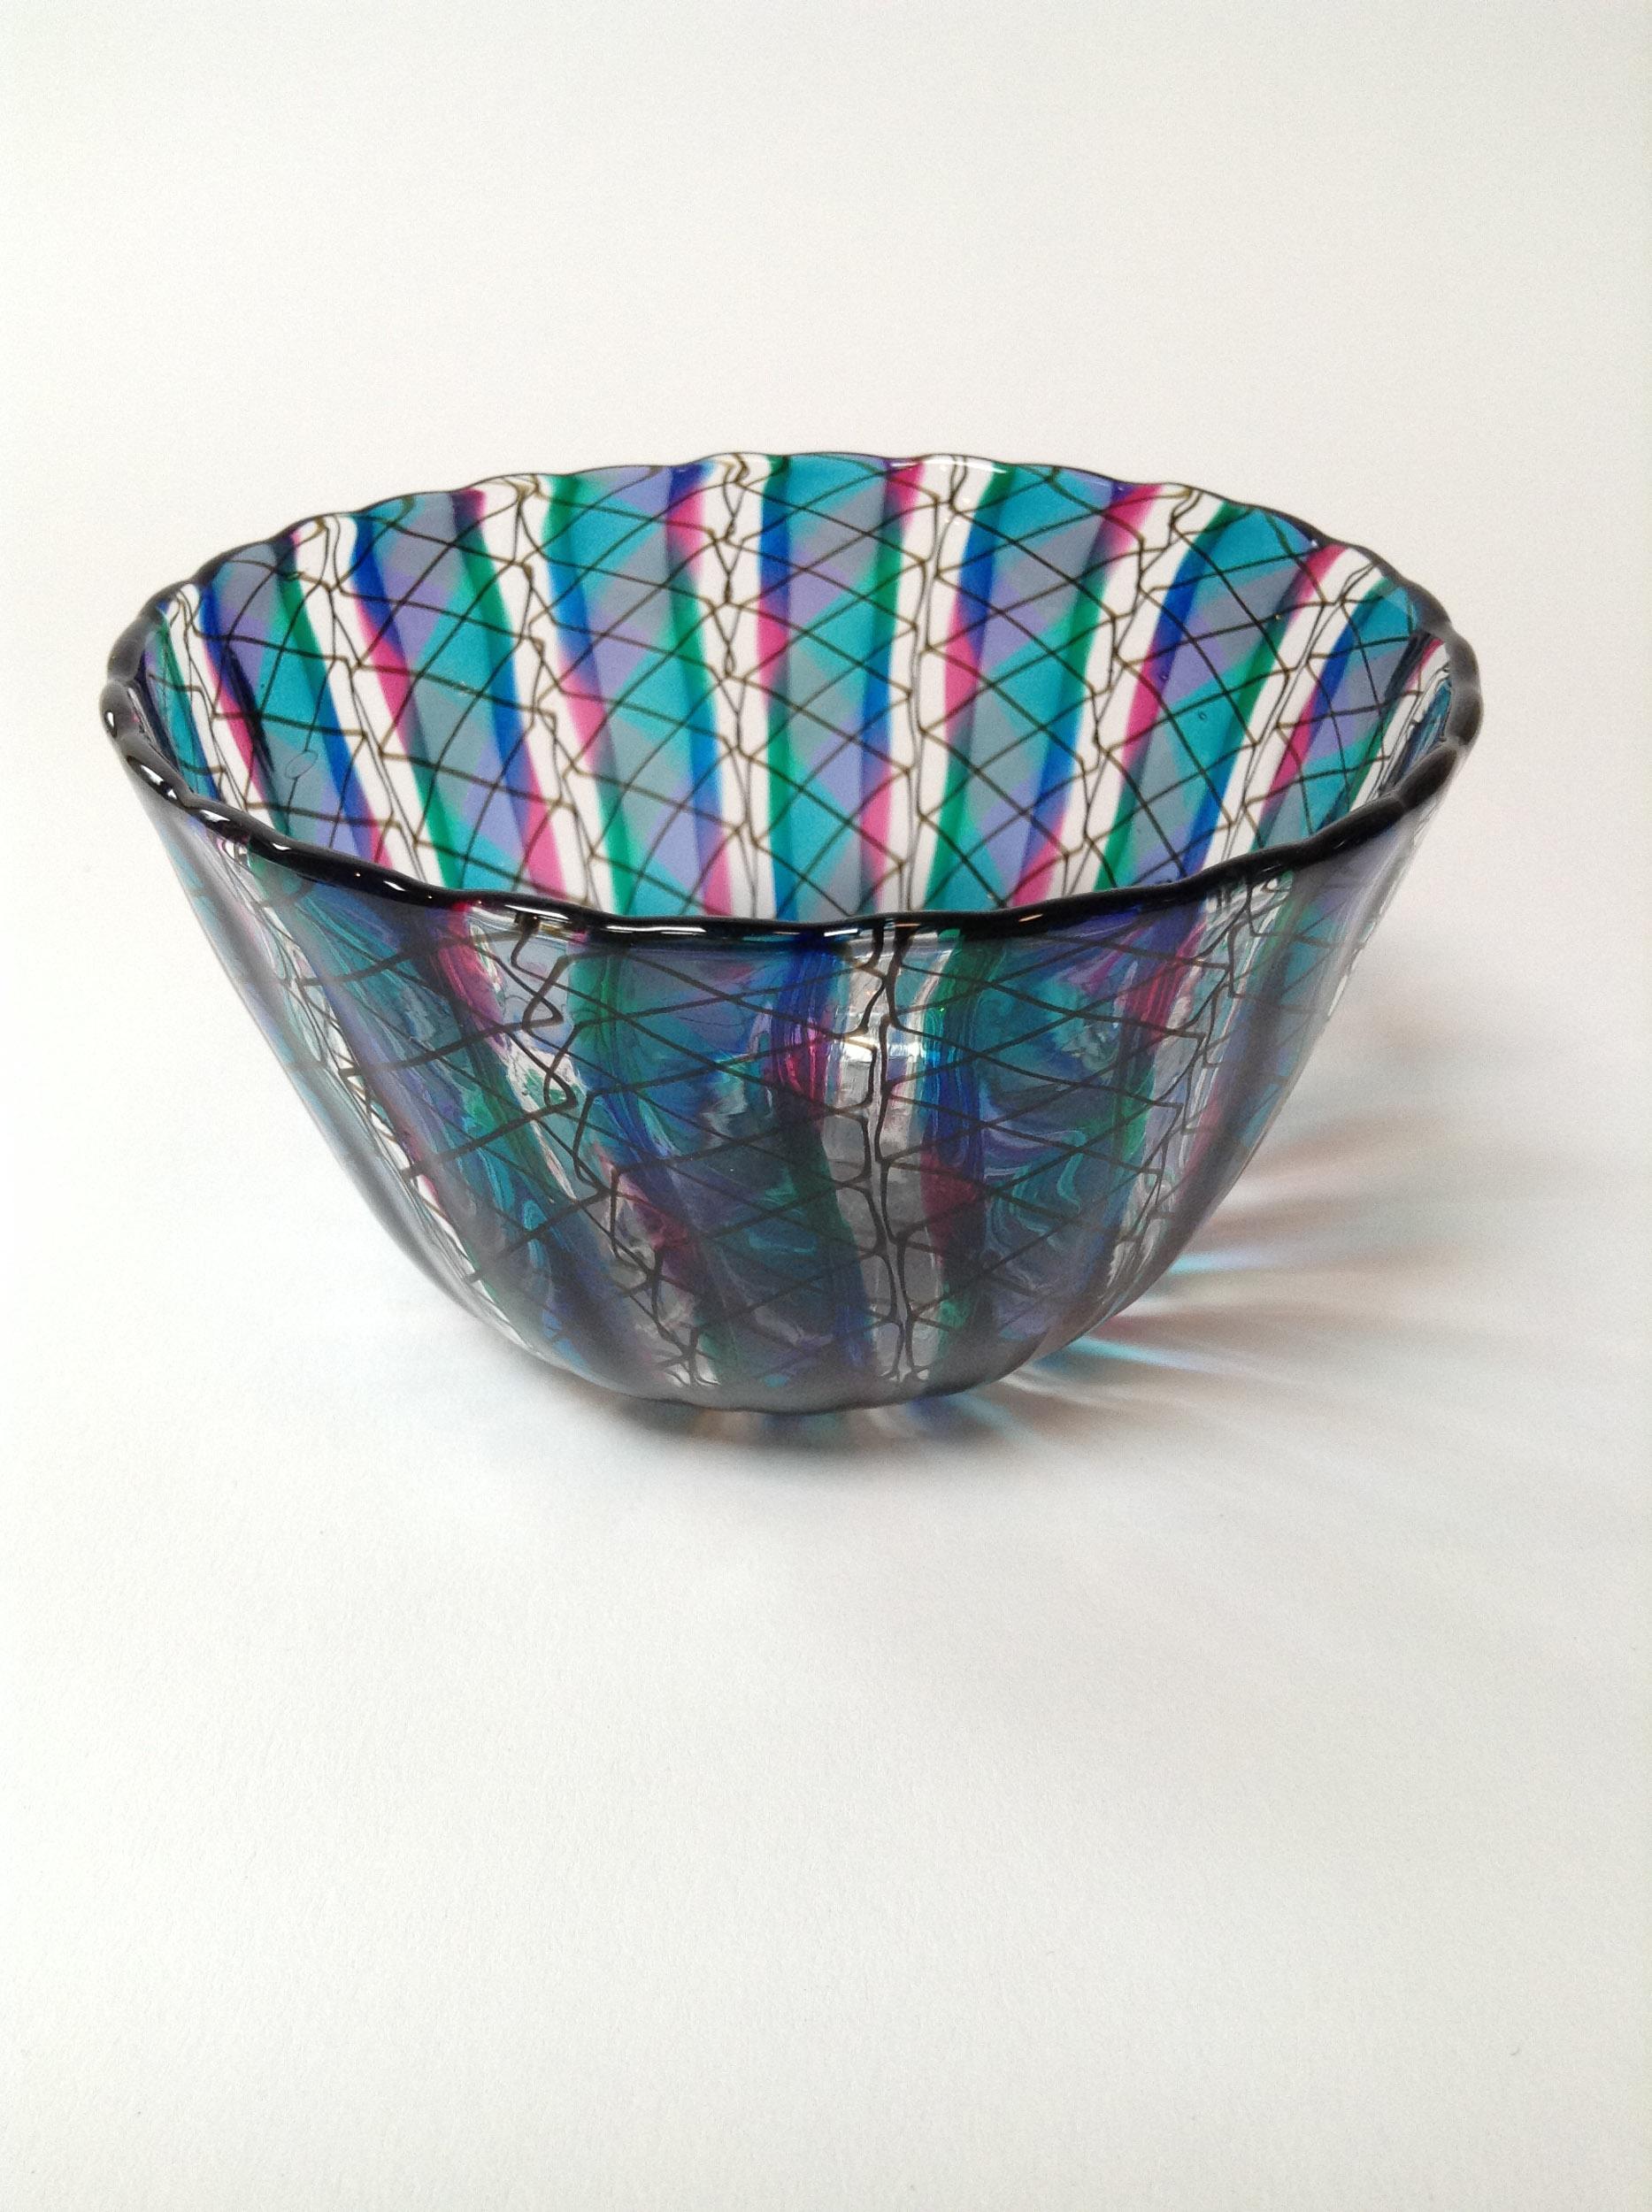 Olive-Glass_Italian-Art-Glass_Corrie-Haight_Lark-Dalton-20170325-2.jpg